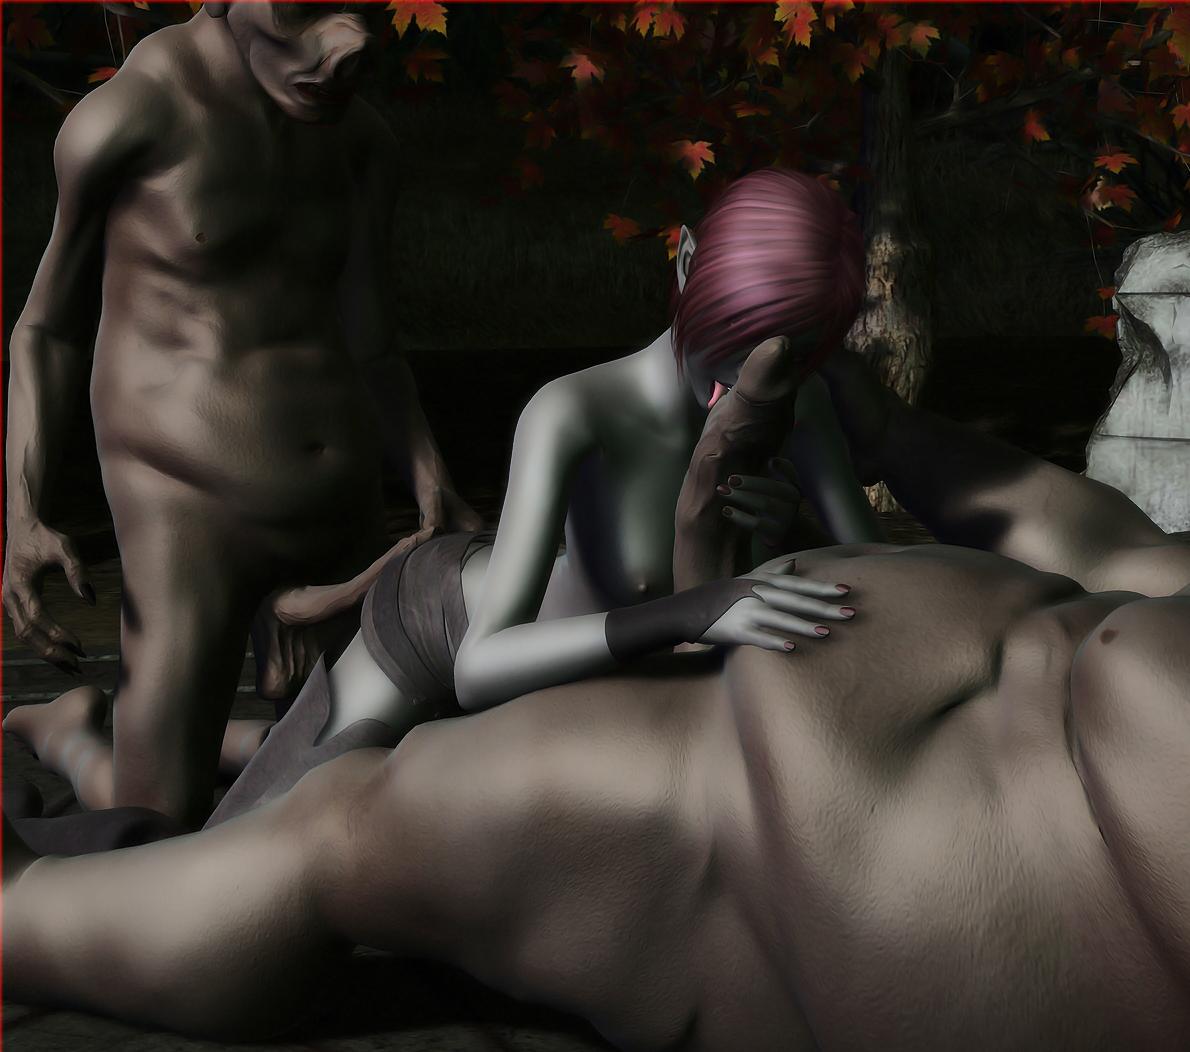 Everquest dark elf porn erotic picture